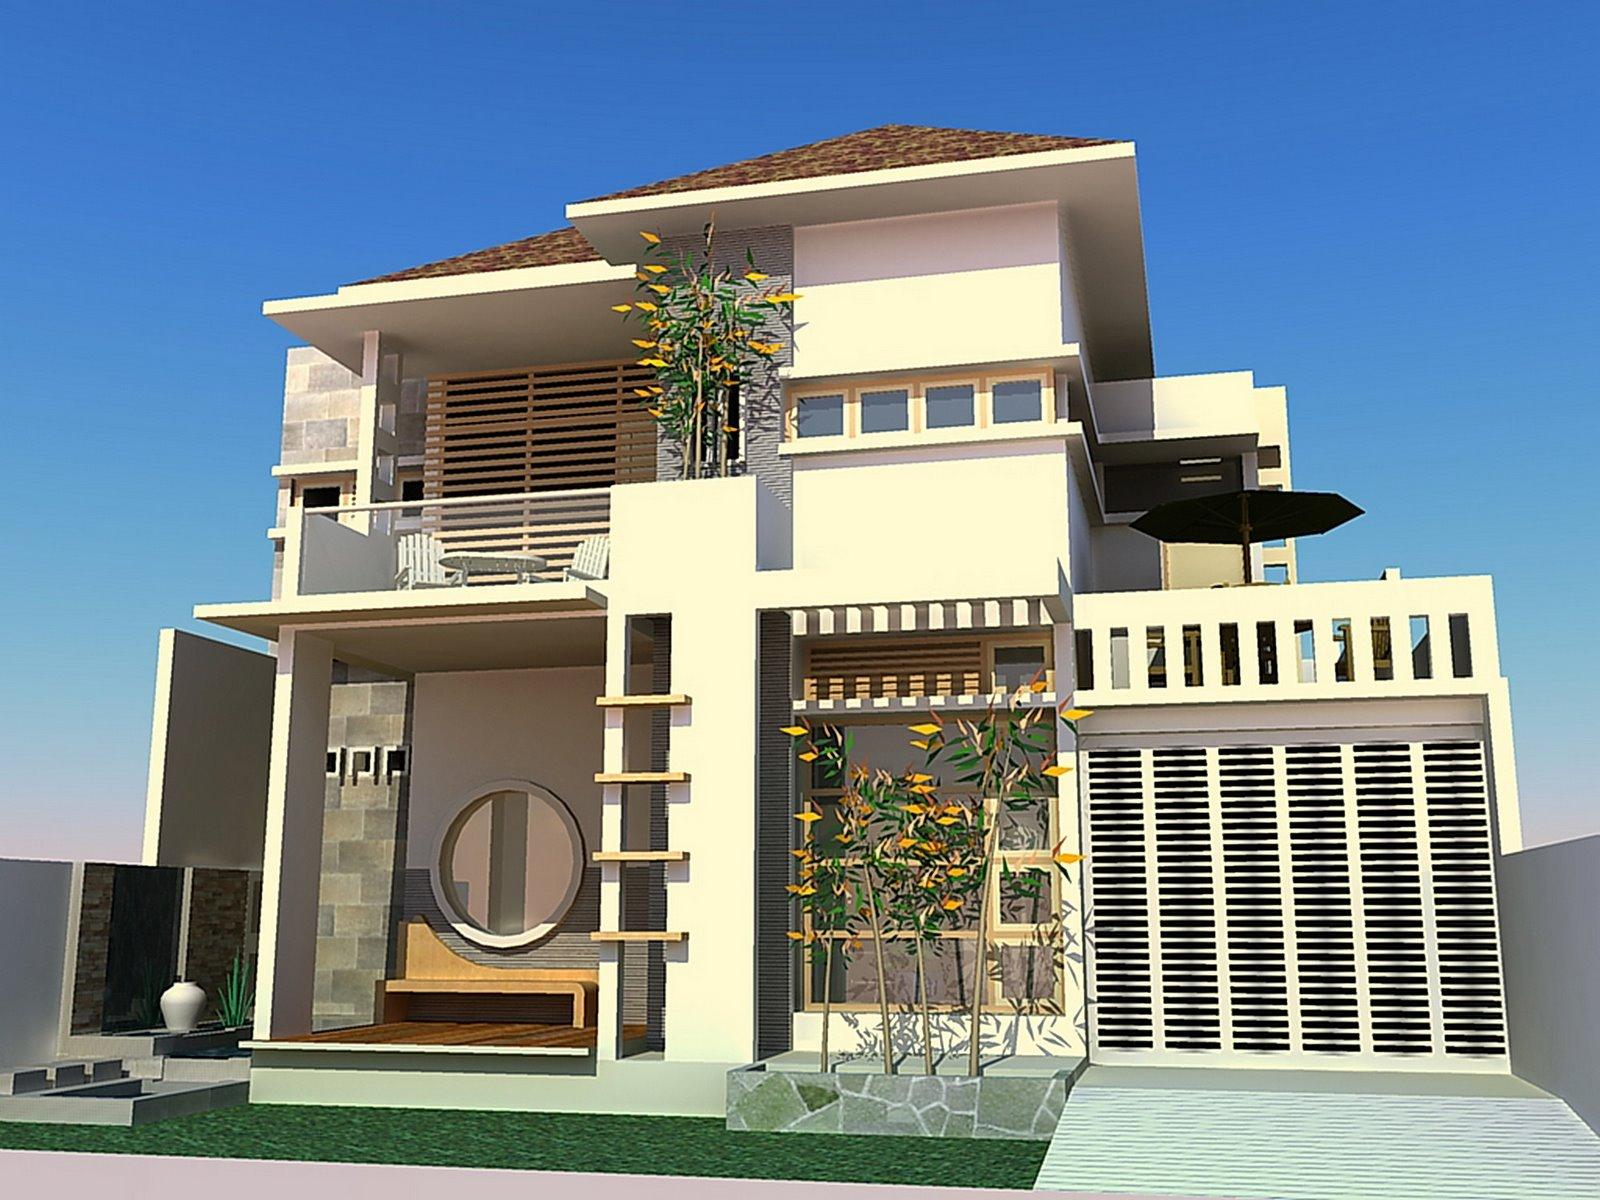 Desain Rumah Minimalis Yang Terbaru